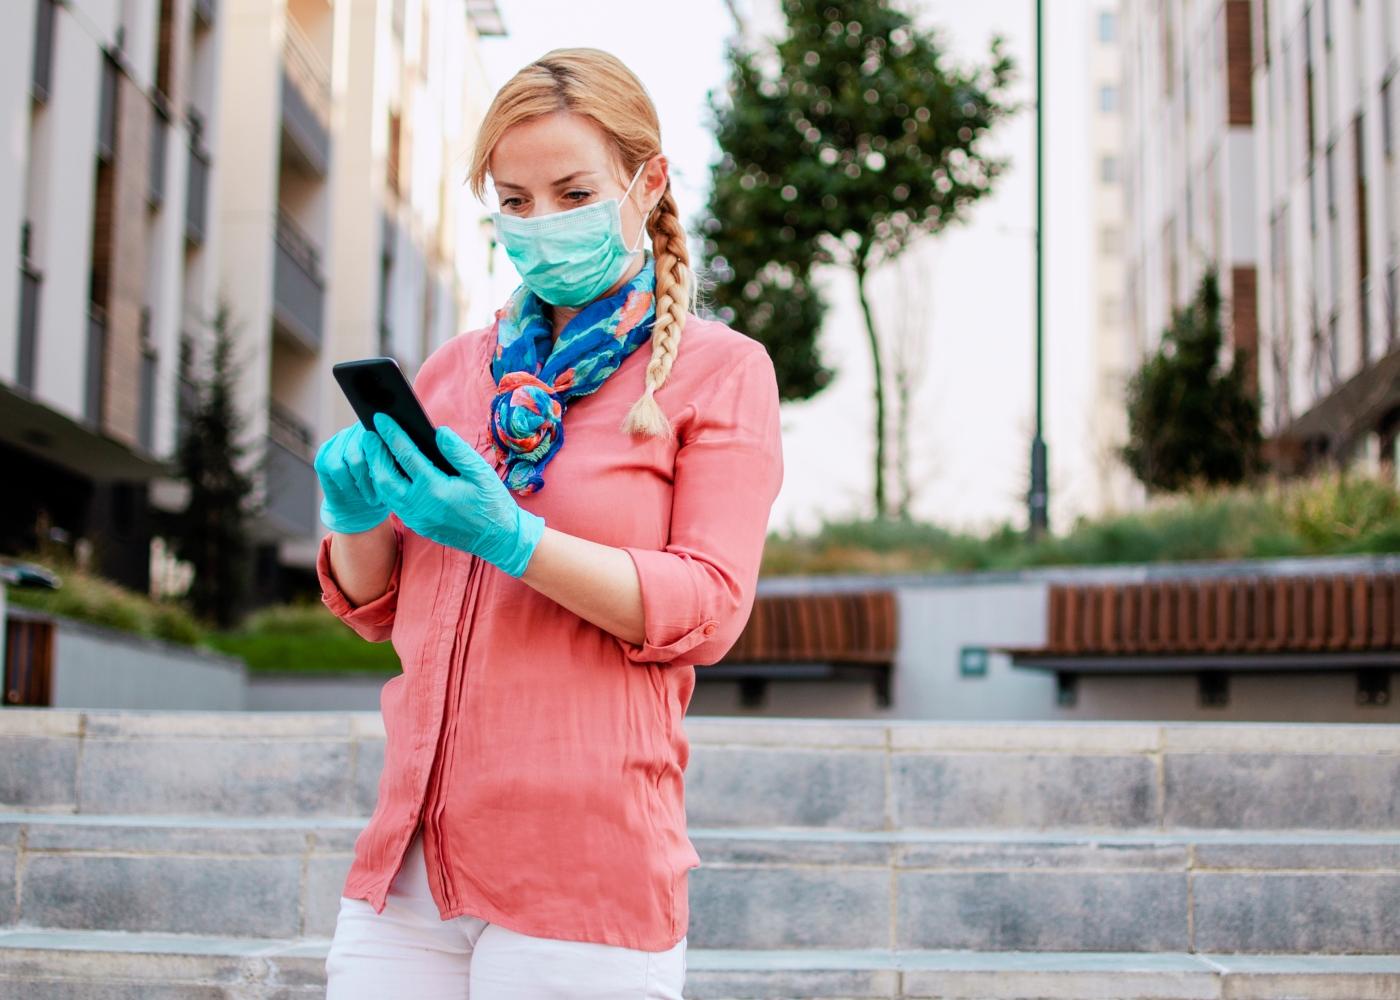 Mulher com máscara e luvas na via pública